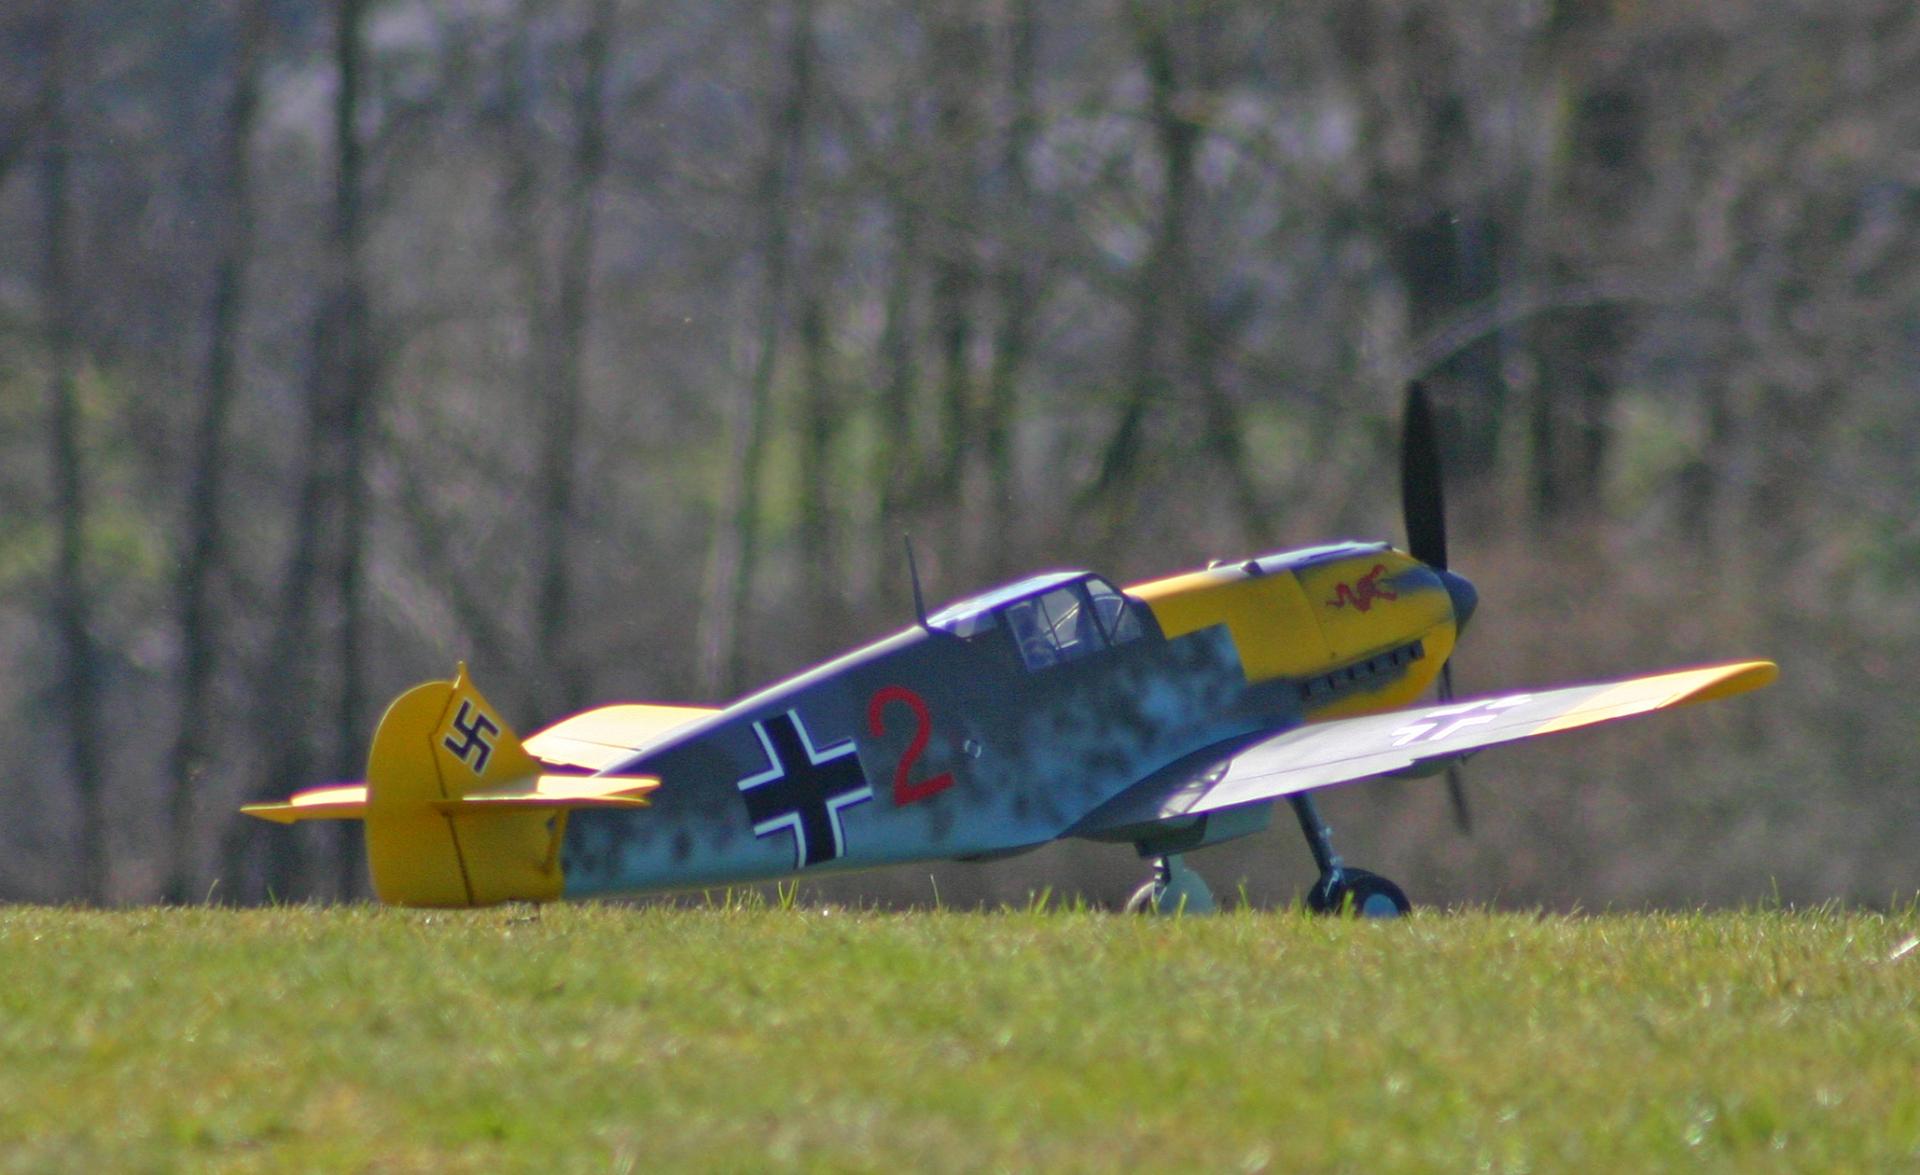 Bob Benjamin's Bf-109